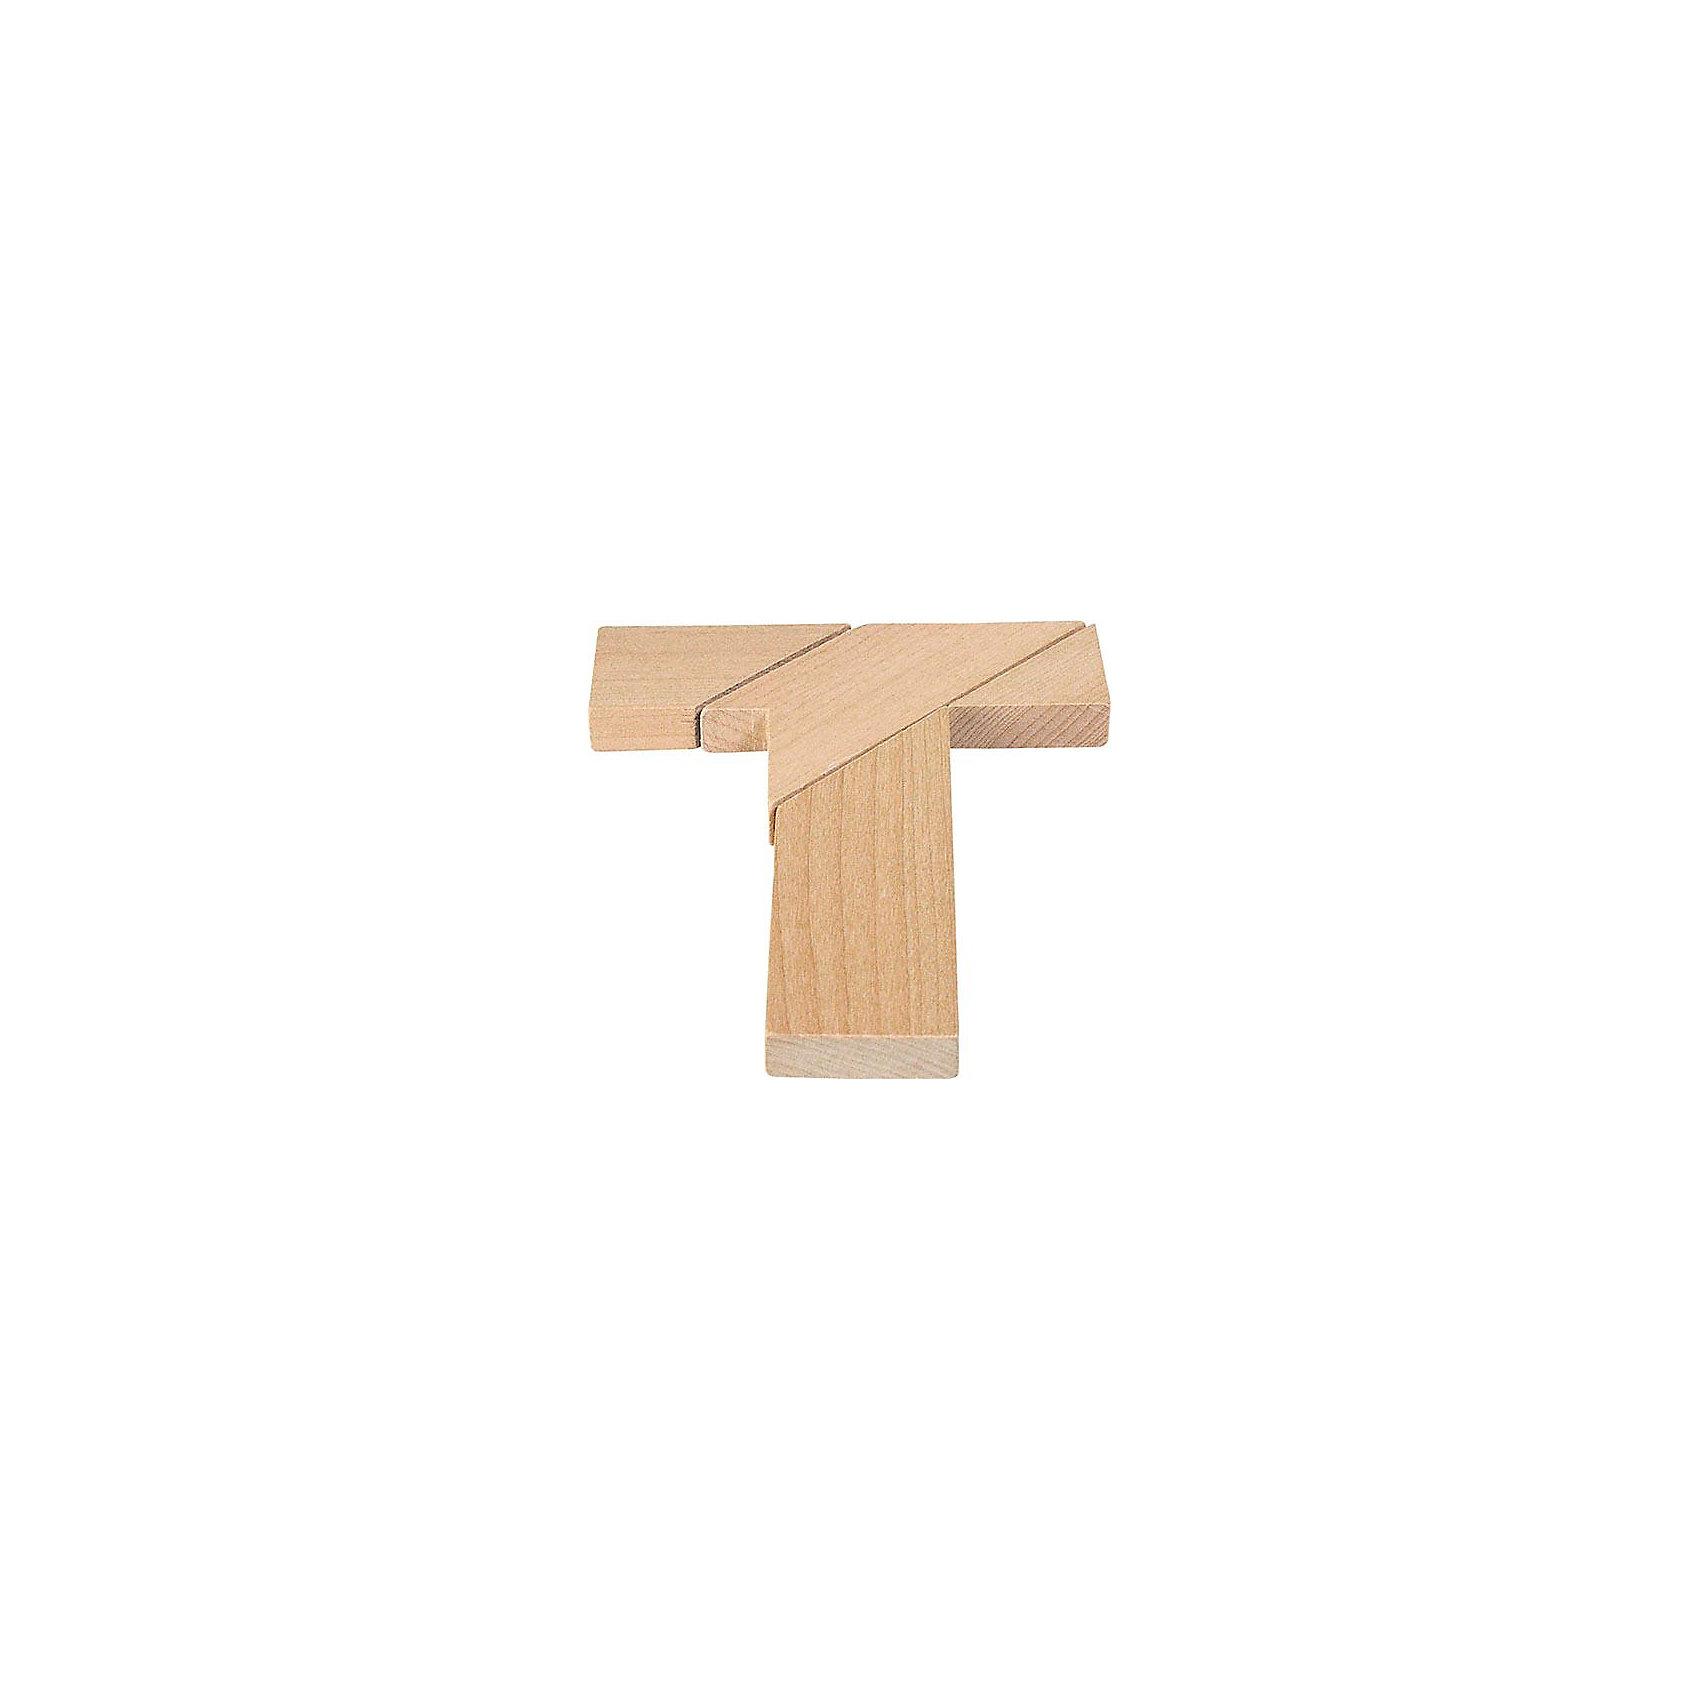 Головоломка T-форма, gokiГоловоломки<br>Характеристики товара:<br><br>- цвет: дерево;<br>- материал: дерево;<br>- высокое качество обработки элементов;<br>- деталей: 4;<br>- размер: 10 х 12 см;<br>- упаковка: текстильный мешочек.<br><br>Собирать головоломки любят и дети, и взрослые! Это занятие может не только позволять весело проводить время, но и помогать всестороннему развитию ребенка. Изделие представляет собой детали, из которых нужно собрать фигуру в виде буквы Т. Все детали отлично проработаны, сделаны из натурального дерева!<br>Собирание головоломок поможет формированию разных навыков, оно помогает развить тактильное восприятие, мелкую моторику, воображение, внимание и логику. Изделие произведено из качественных материалов, безопасных для ребенка. Набор станет отличным подарком детям!<br><br>Головоломку T-форма от бренда GOKI можно купить в нашем интернет-магазине.<br><br>Ширина мм: 100<br>Глубина мм: 120<br>Высота мм: 100<br>Вес г: 50<br>Возраст от месяцев: 72<br>Возраст до месяцев: 168<br>Пол: Унисекс<br>Возраст: Детский<br>SKU: 5155290